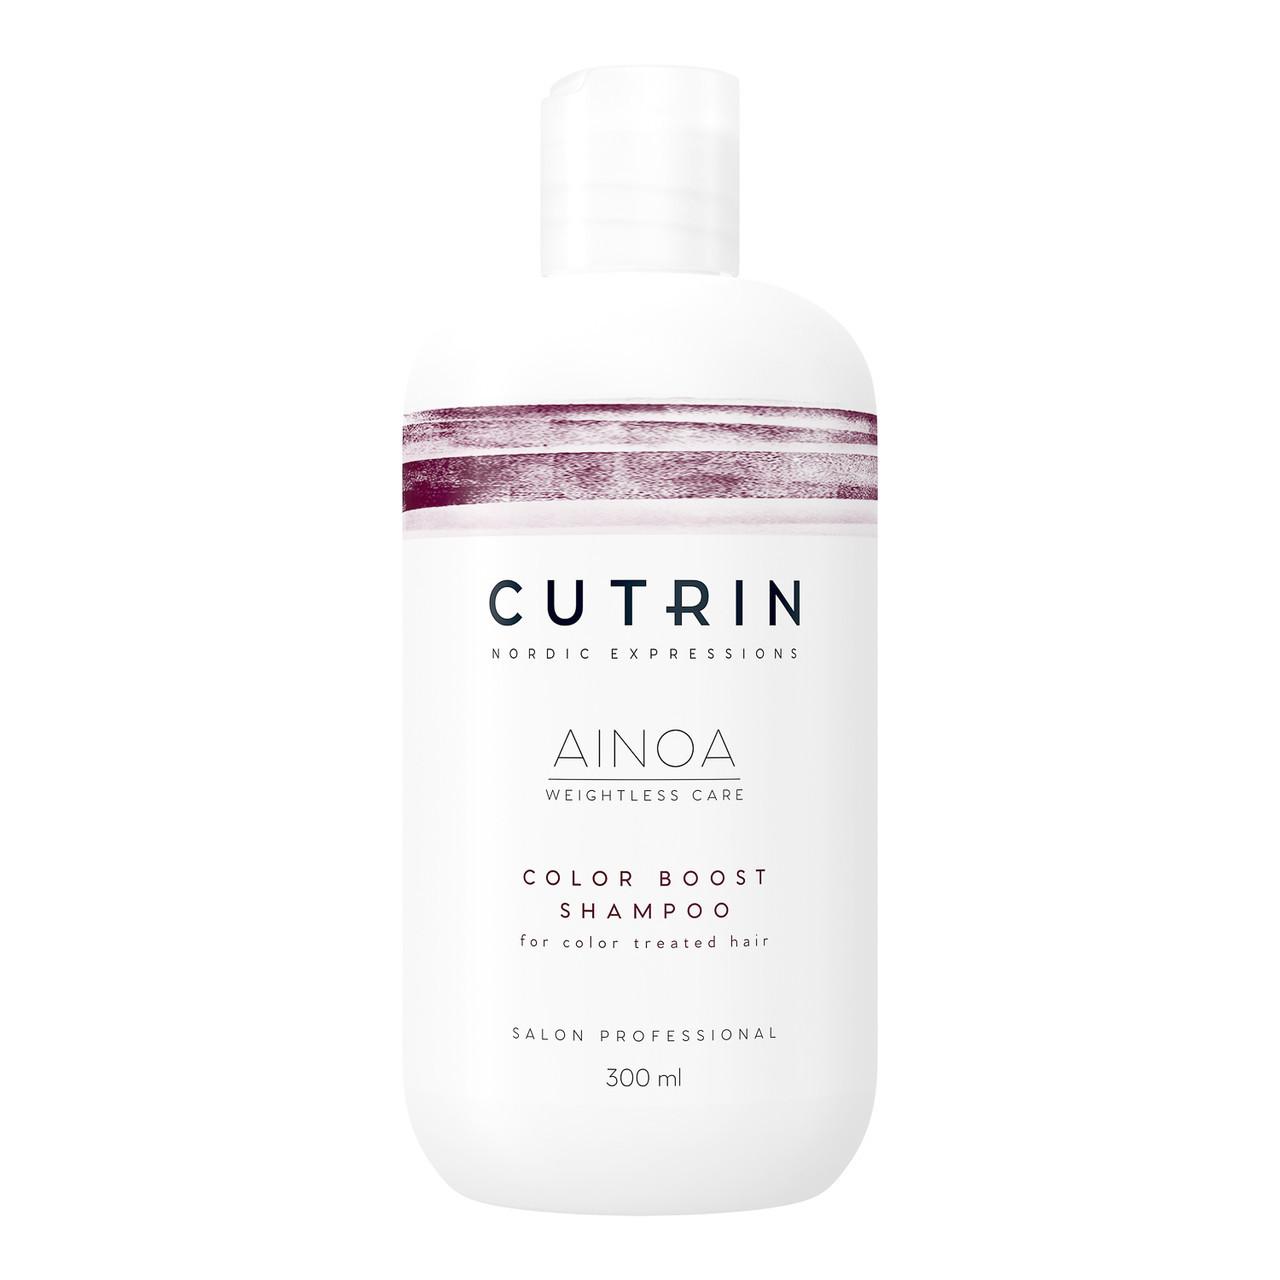 Cutrin color boost shampoo Шампунь для сохранения цвета окрашенным волосам, 300 мл